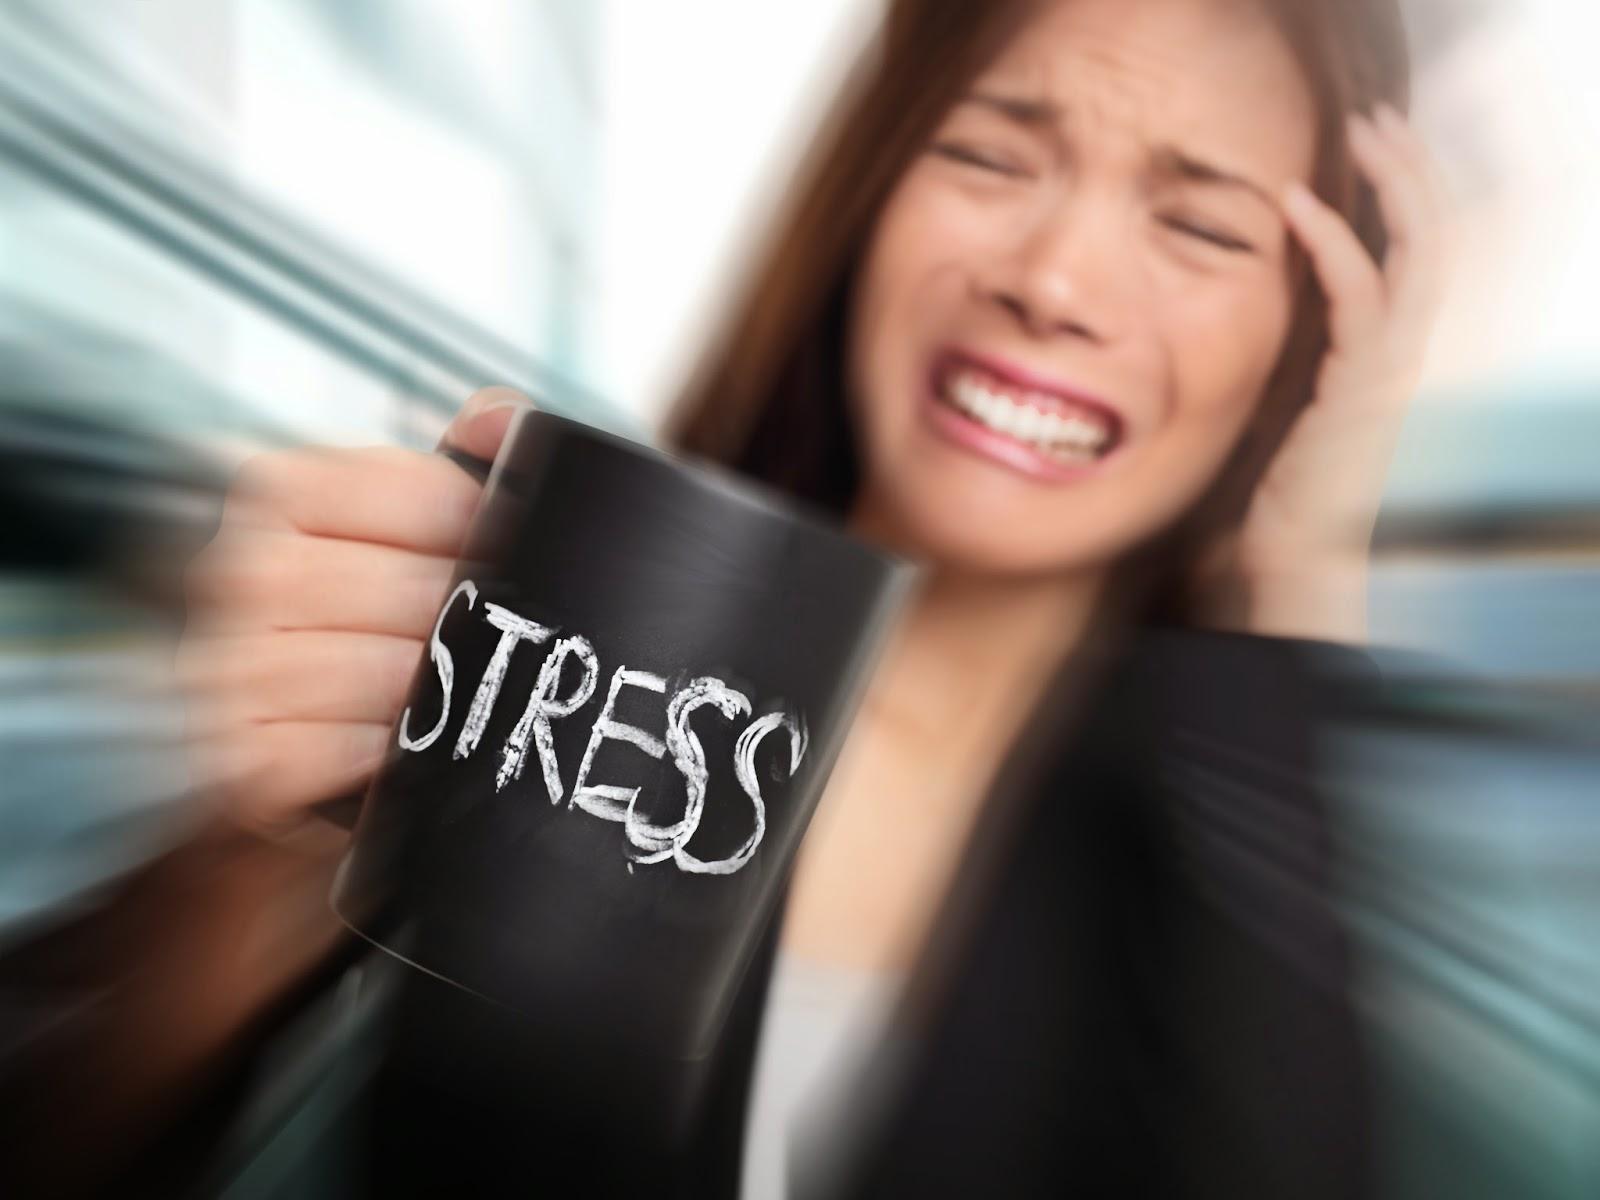 Стрес, тревоги и страсти – ежедневие, които ни разболяват и убиват - Дебати